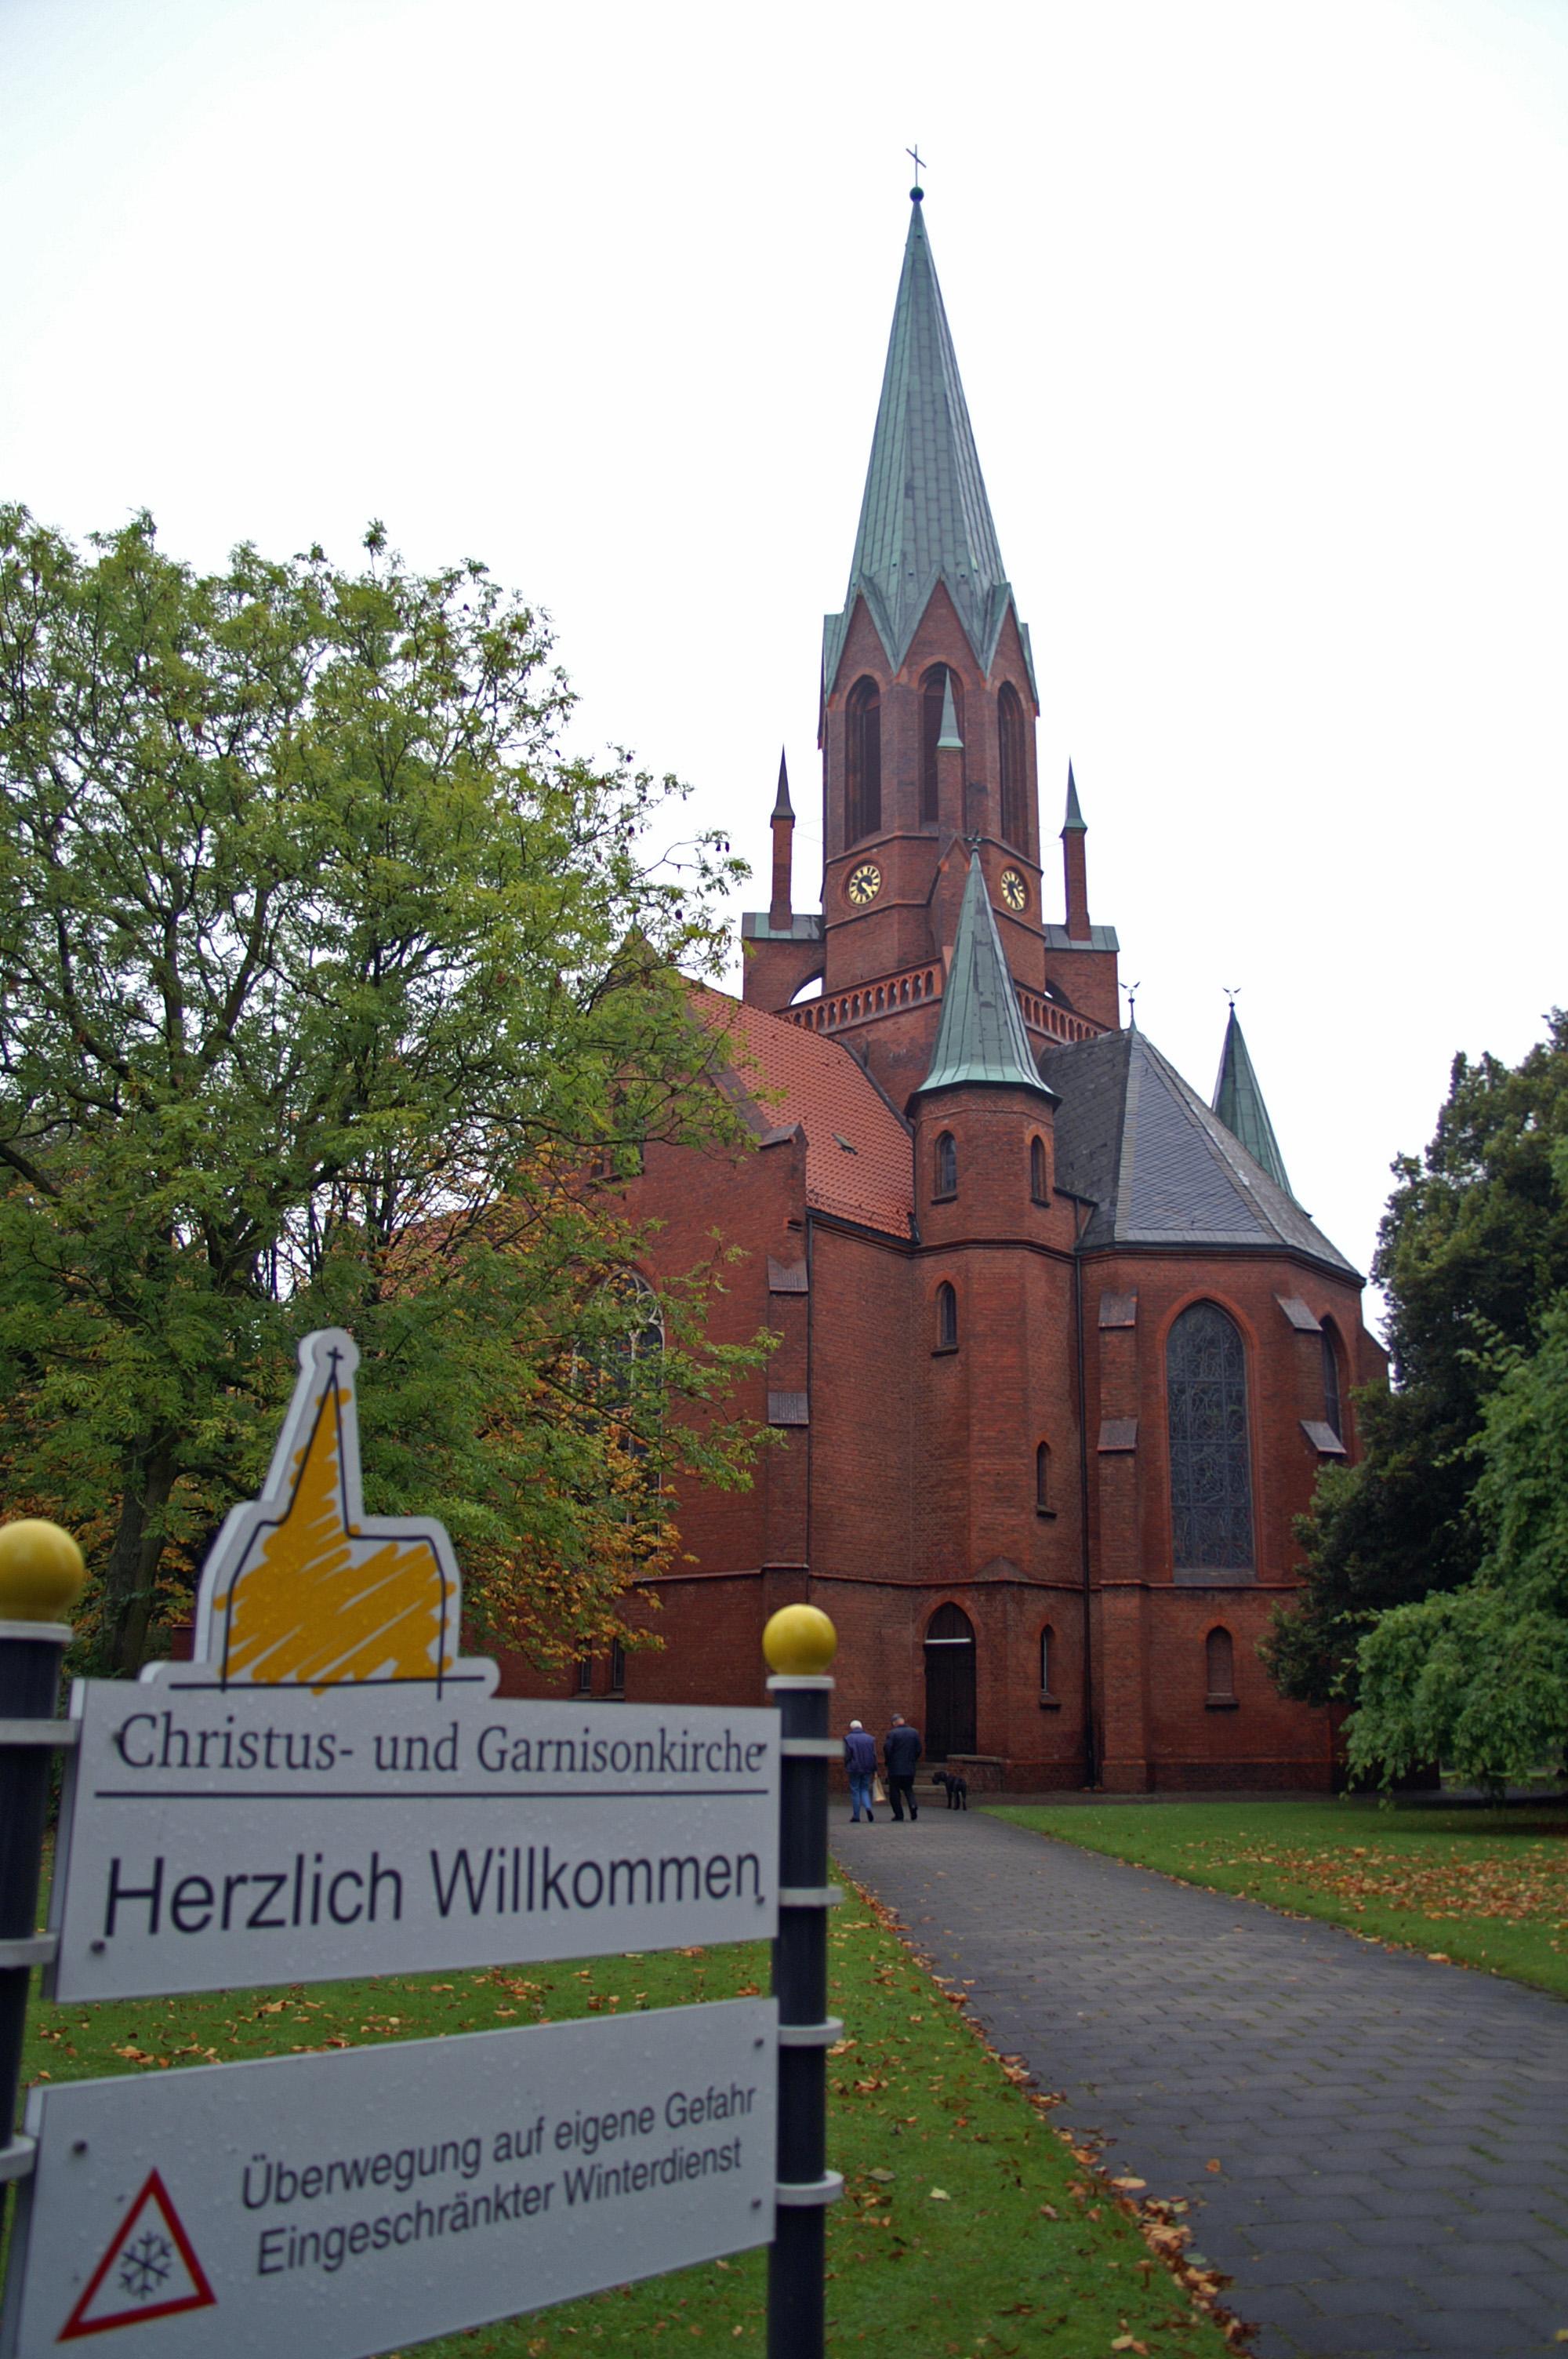 file christus und garnisonkirche wilhelmshaven 2005a. Black Bedroom Furniture Sets. Home Design Ideas